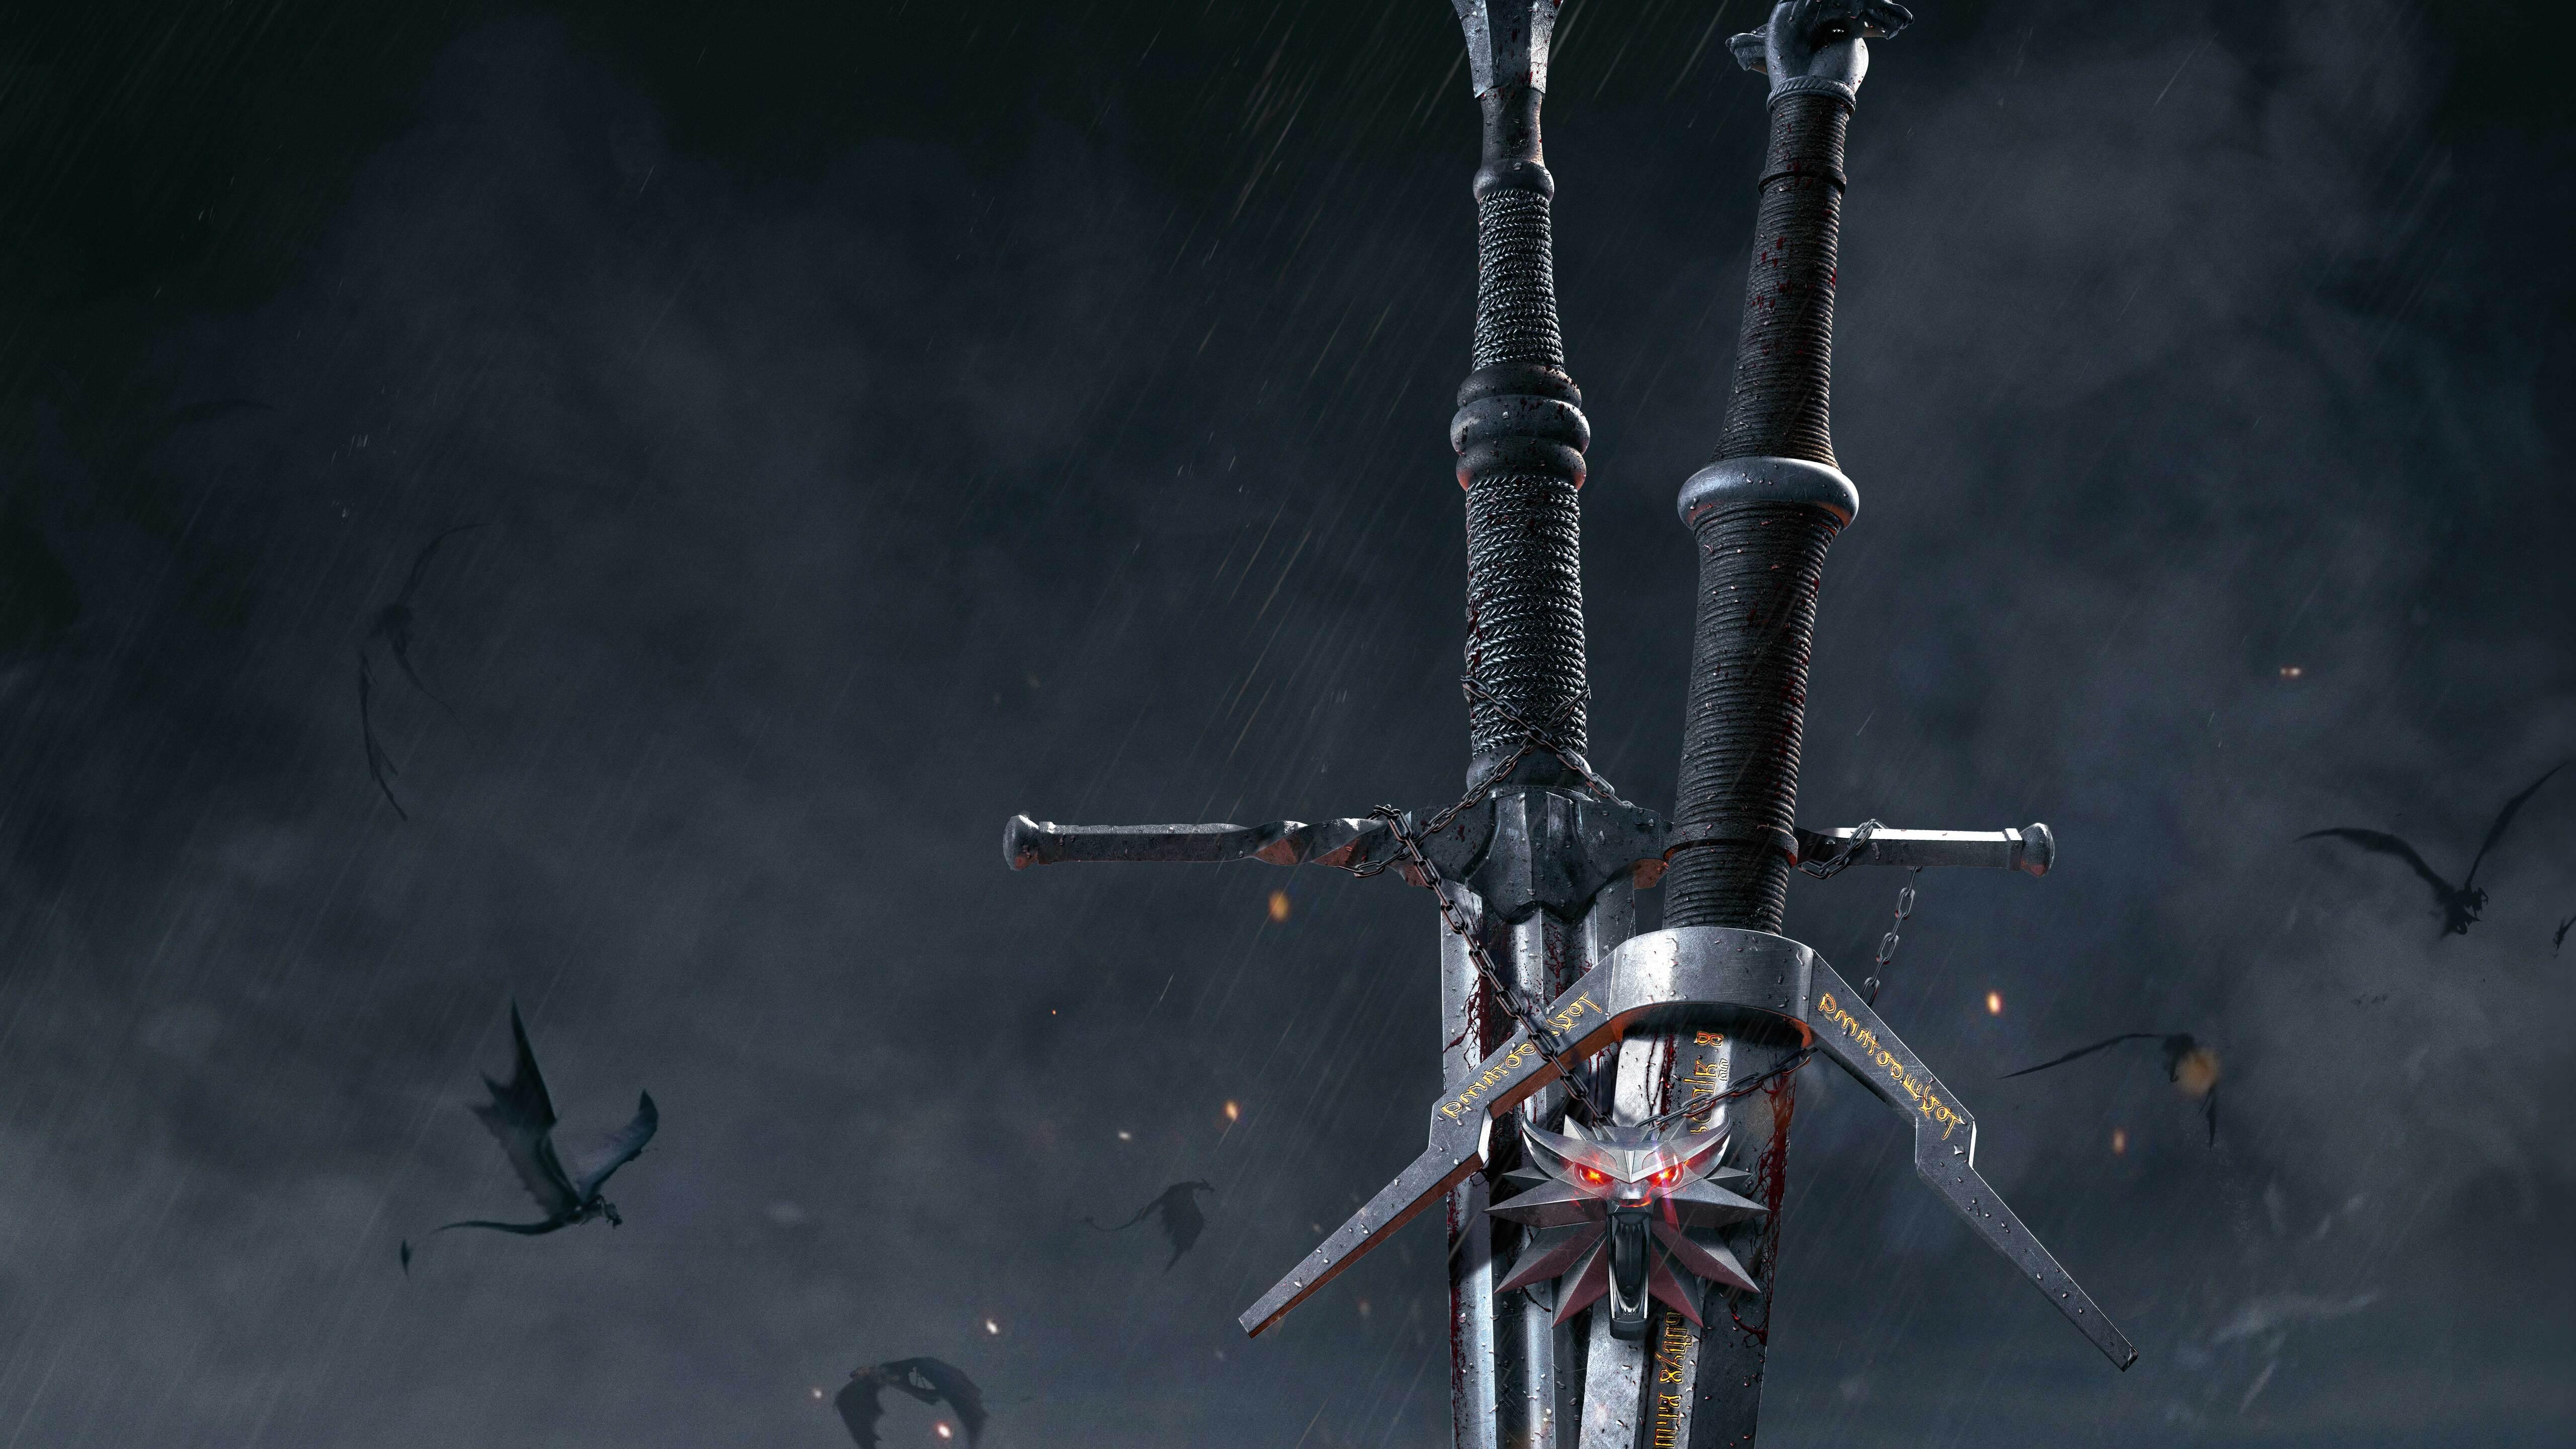 the-witcher-3-wild-hunt-sword-10k-qg.jpg